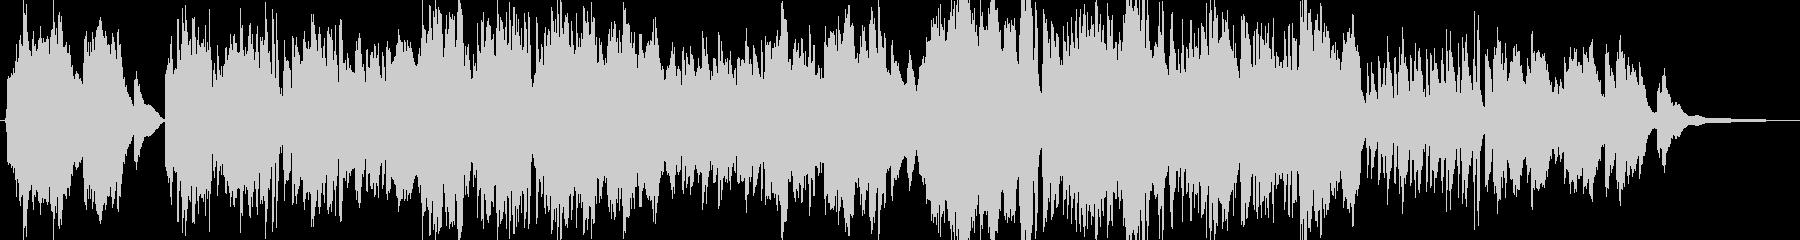 オシャレで上品な和風・クラシック室内楽曲の未再生の波形